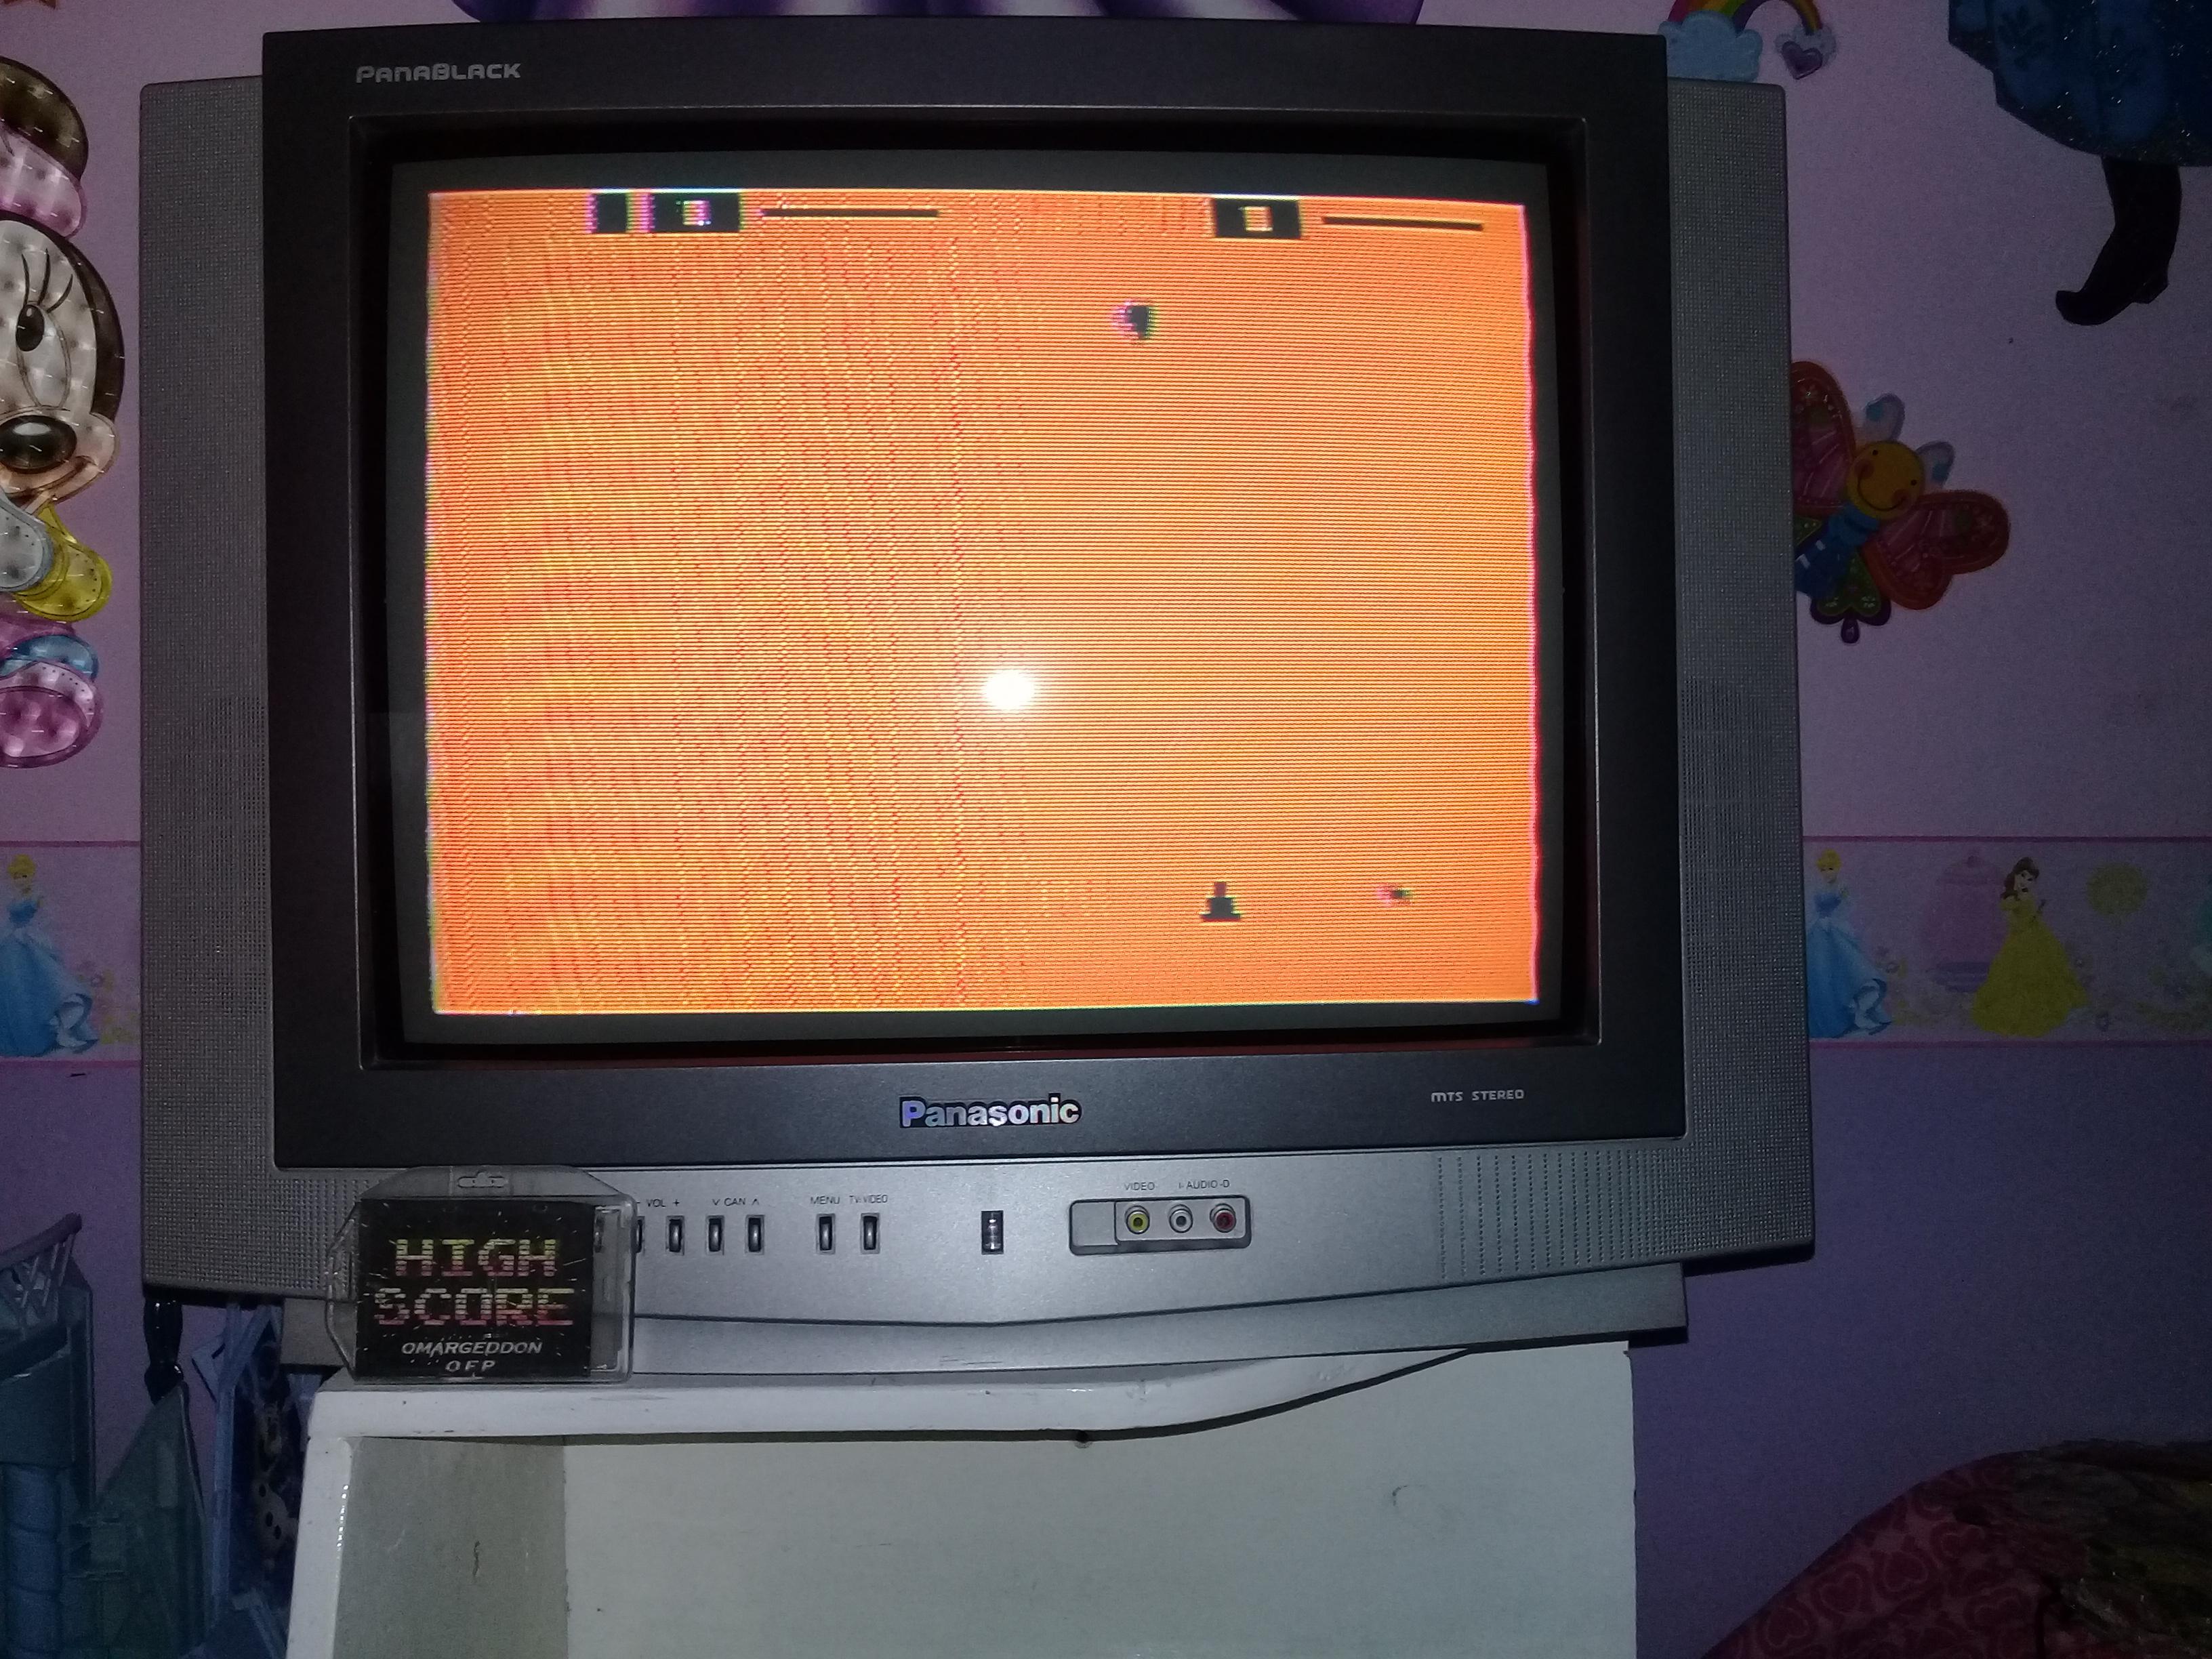 omargeddon: Space War: Game 9 (Atari 2600 Novice/B) 10 points on 2019-06-04 15:07:07